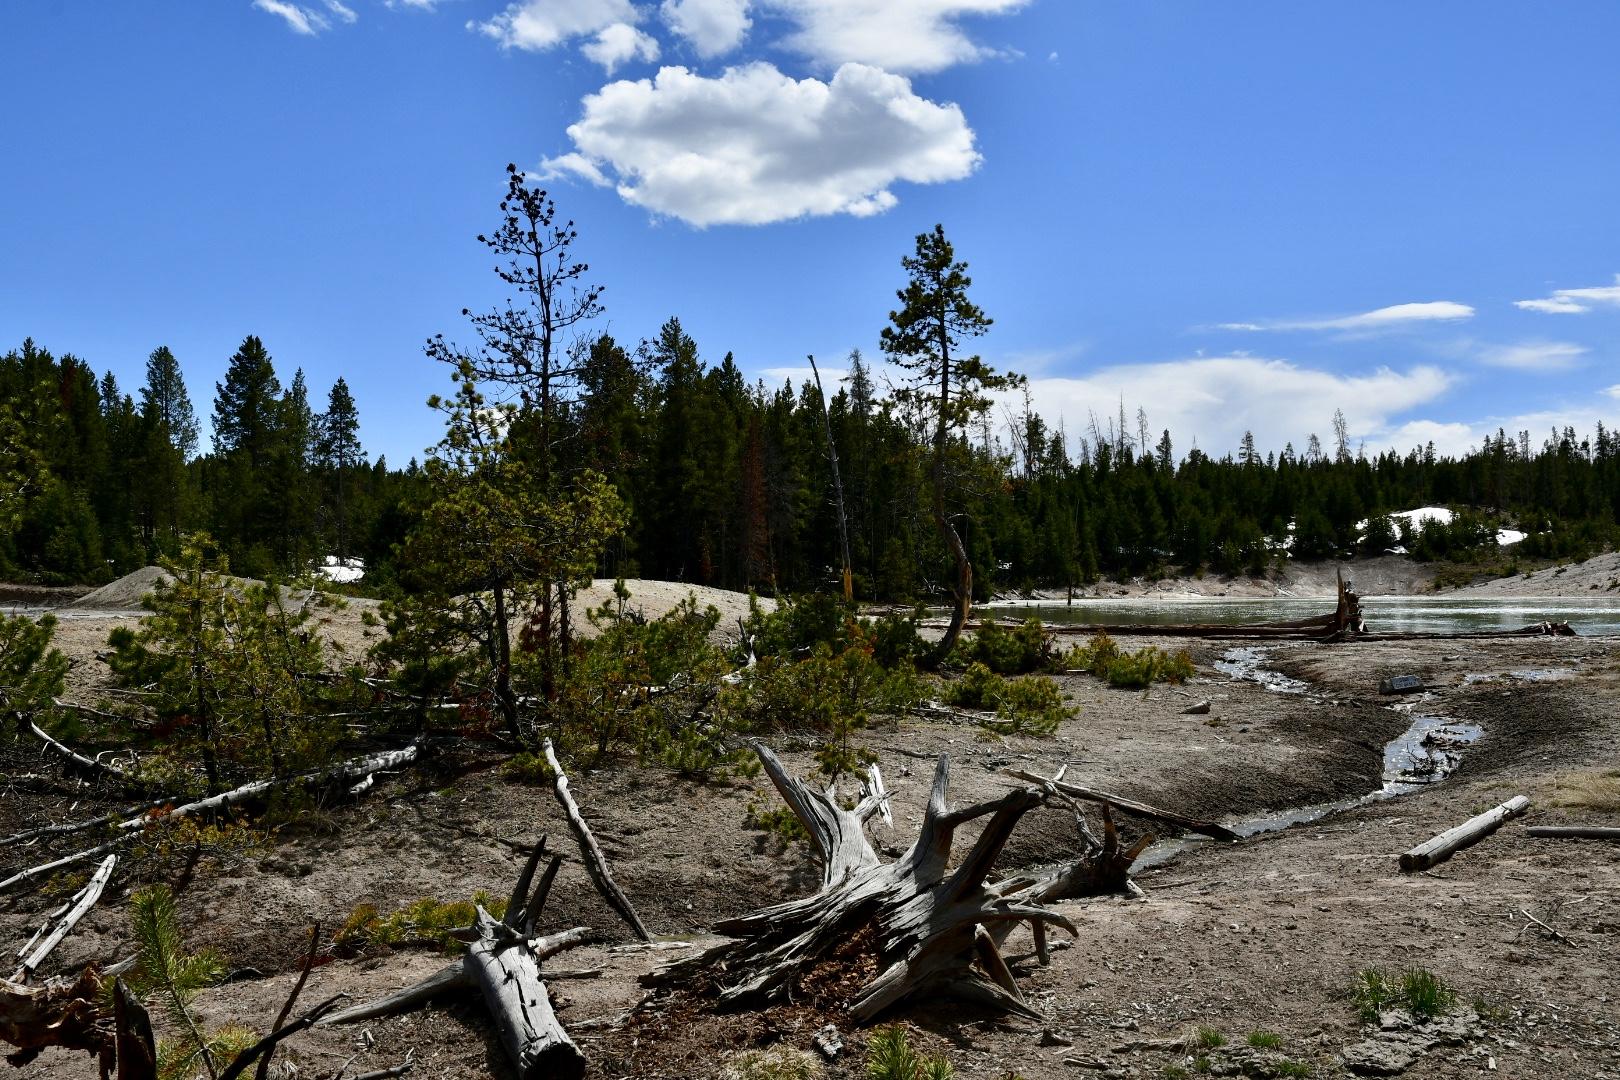 Baumgerippe vor grünem runden Teich in sanft gewelltem Waldgebiet im Yellowstone Nationalpark